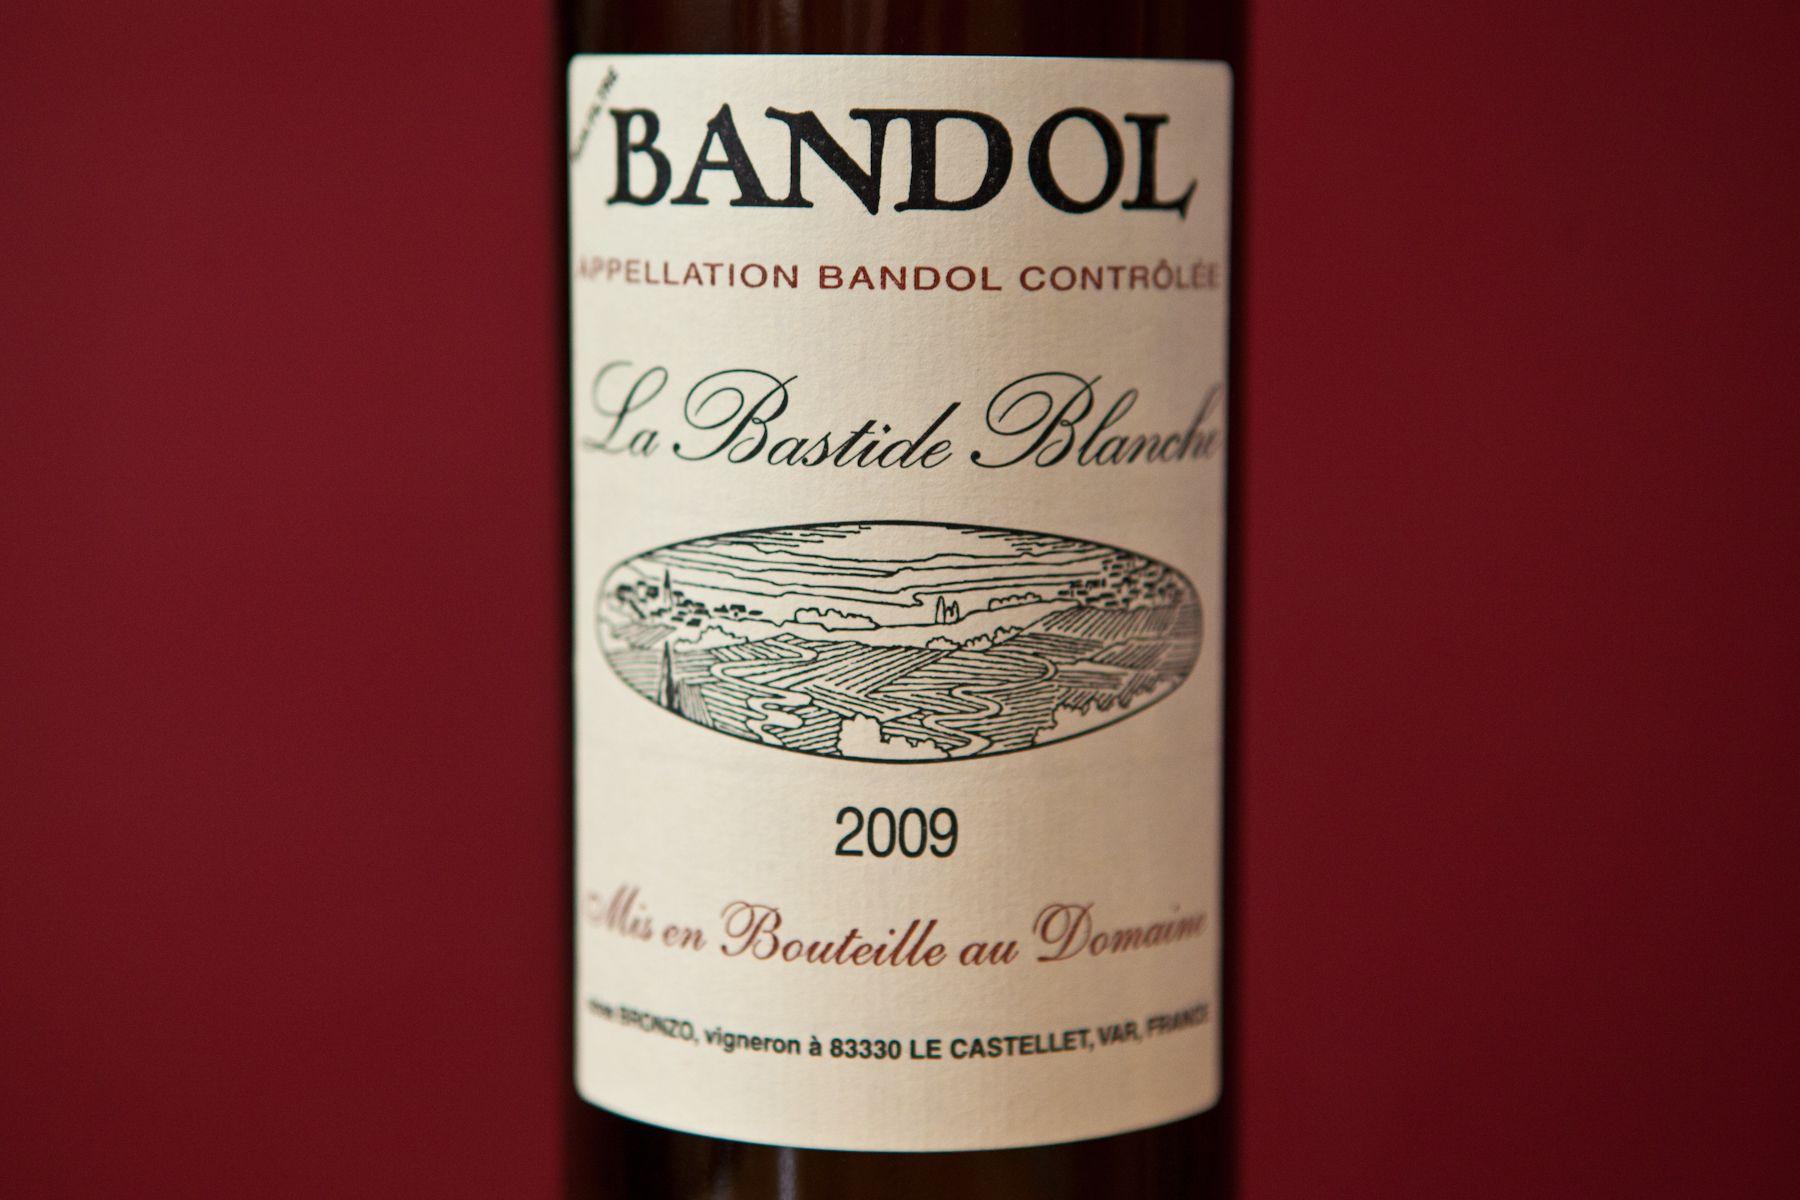 La Bastide Blanche Bandol Wine Bottle Organic Wine Tito S Vodka Bottle